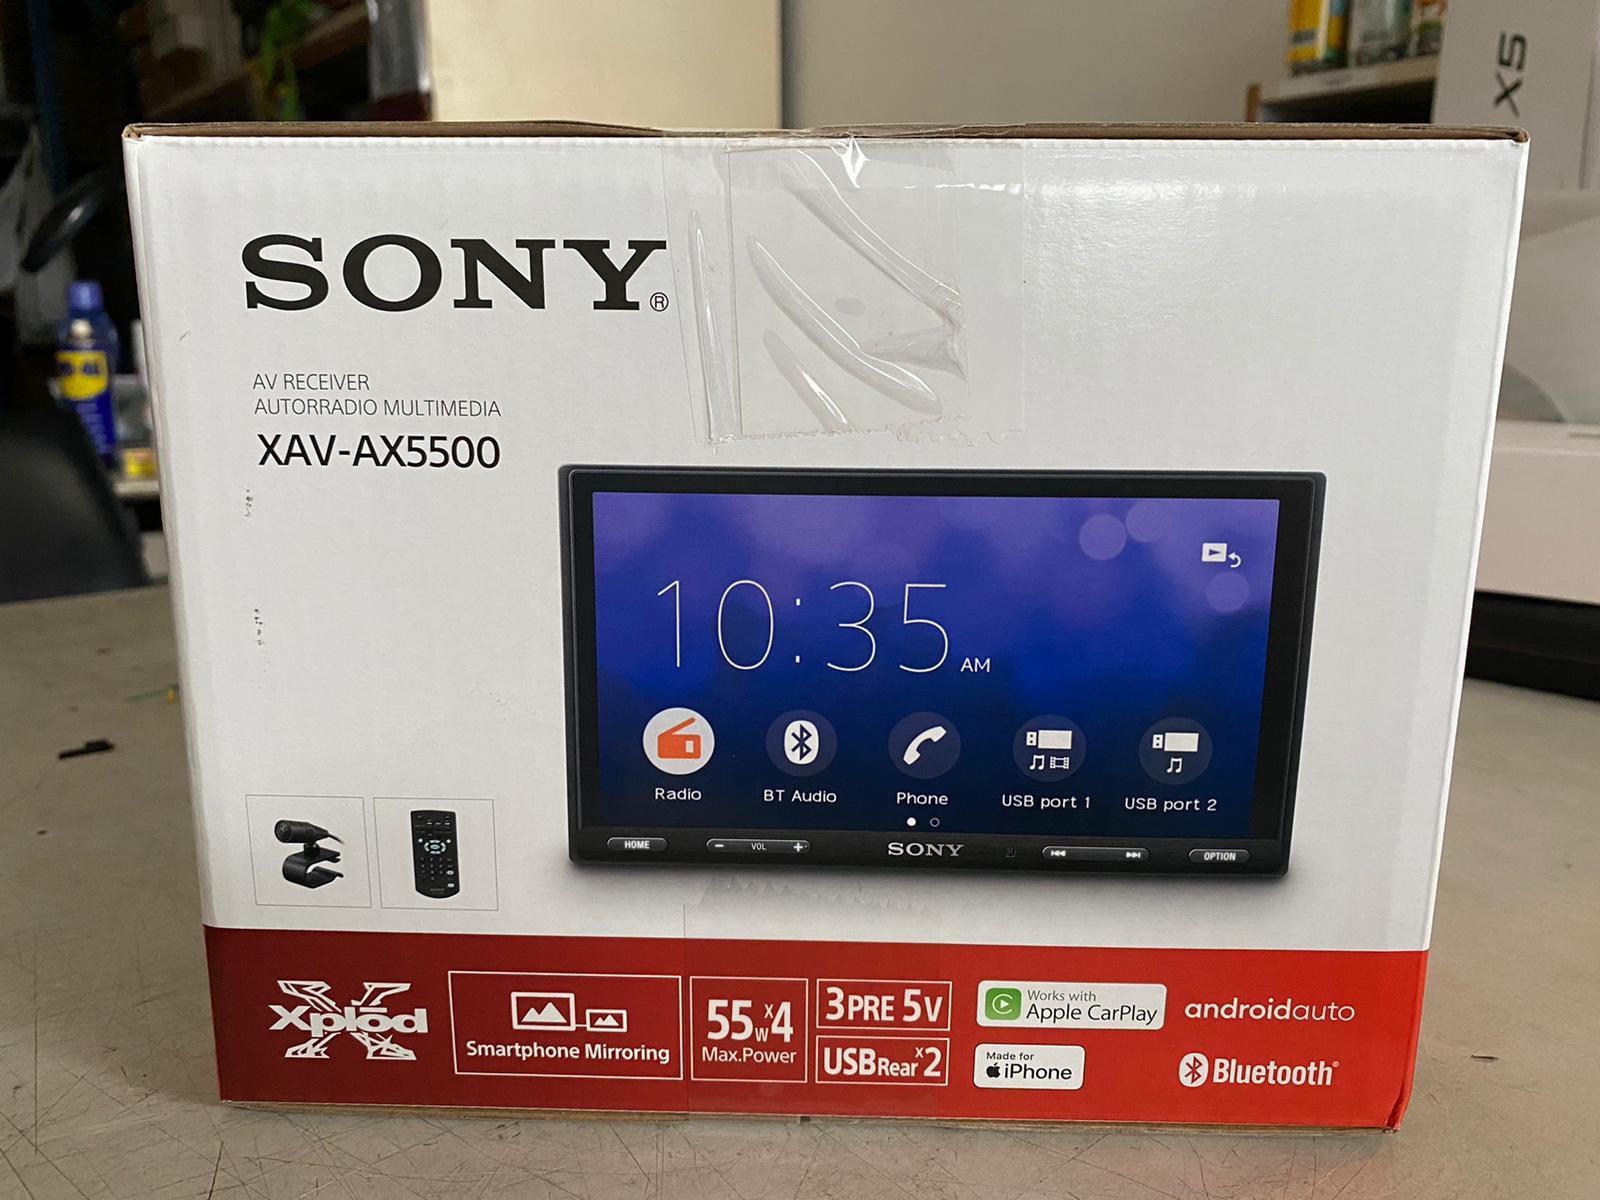 Sony XAV-AX5500 6.95